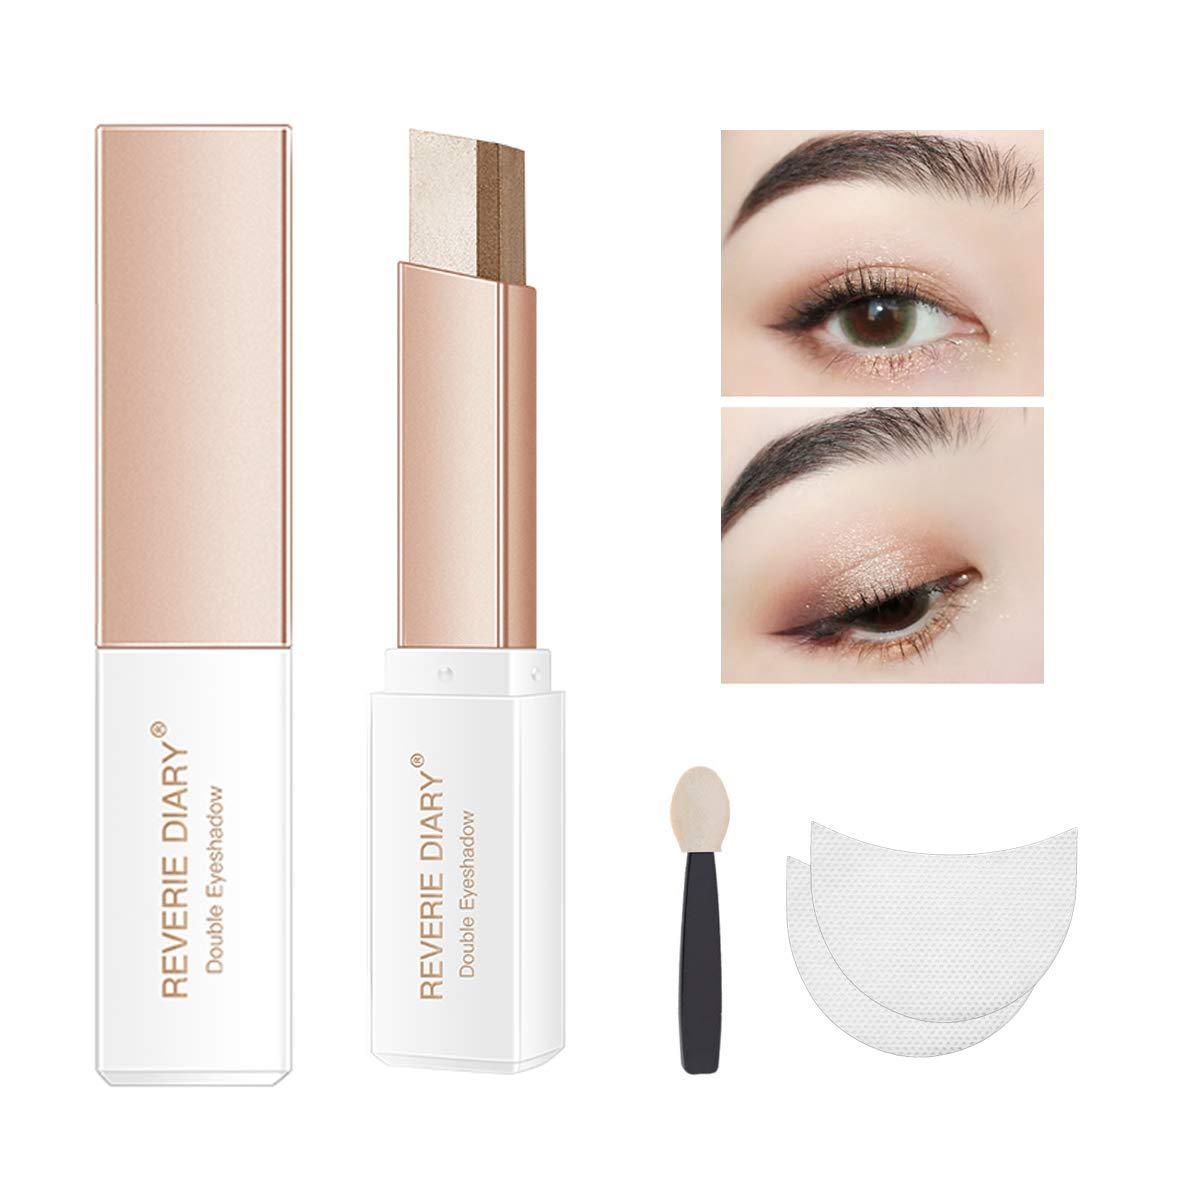 Three-piece eyeshadow stick eyeshadow prush eyeshadow sticker, eyeshadow stick two-color gradient glitter eye shadow pen rotating design, simple makeup, waterproof and not Blooming(BrownCoffee